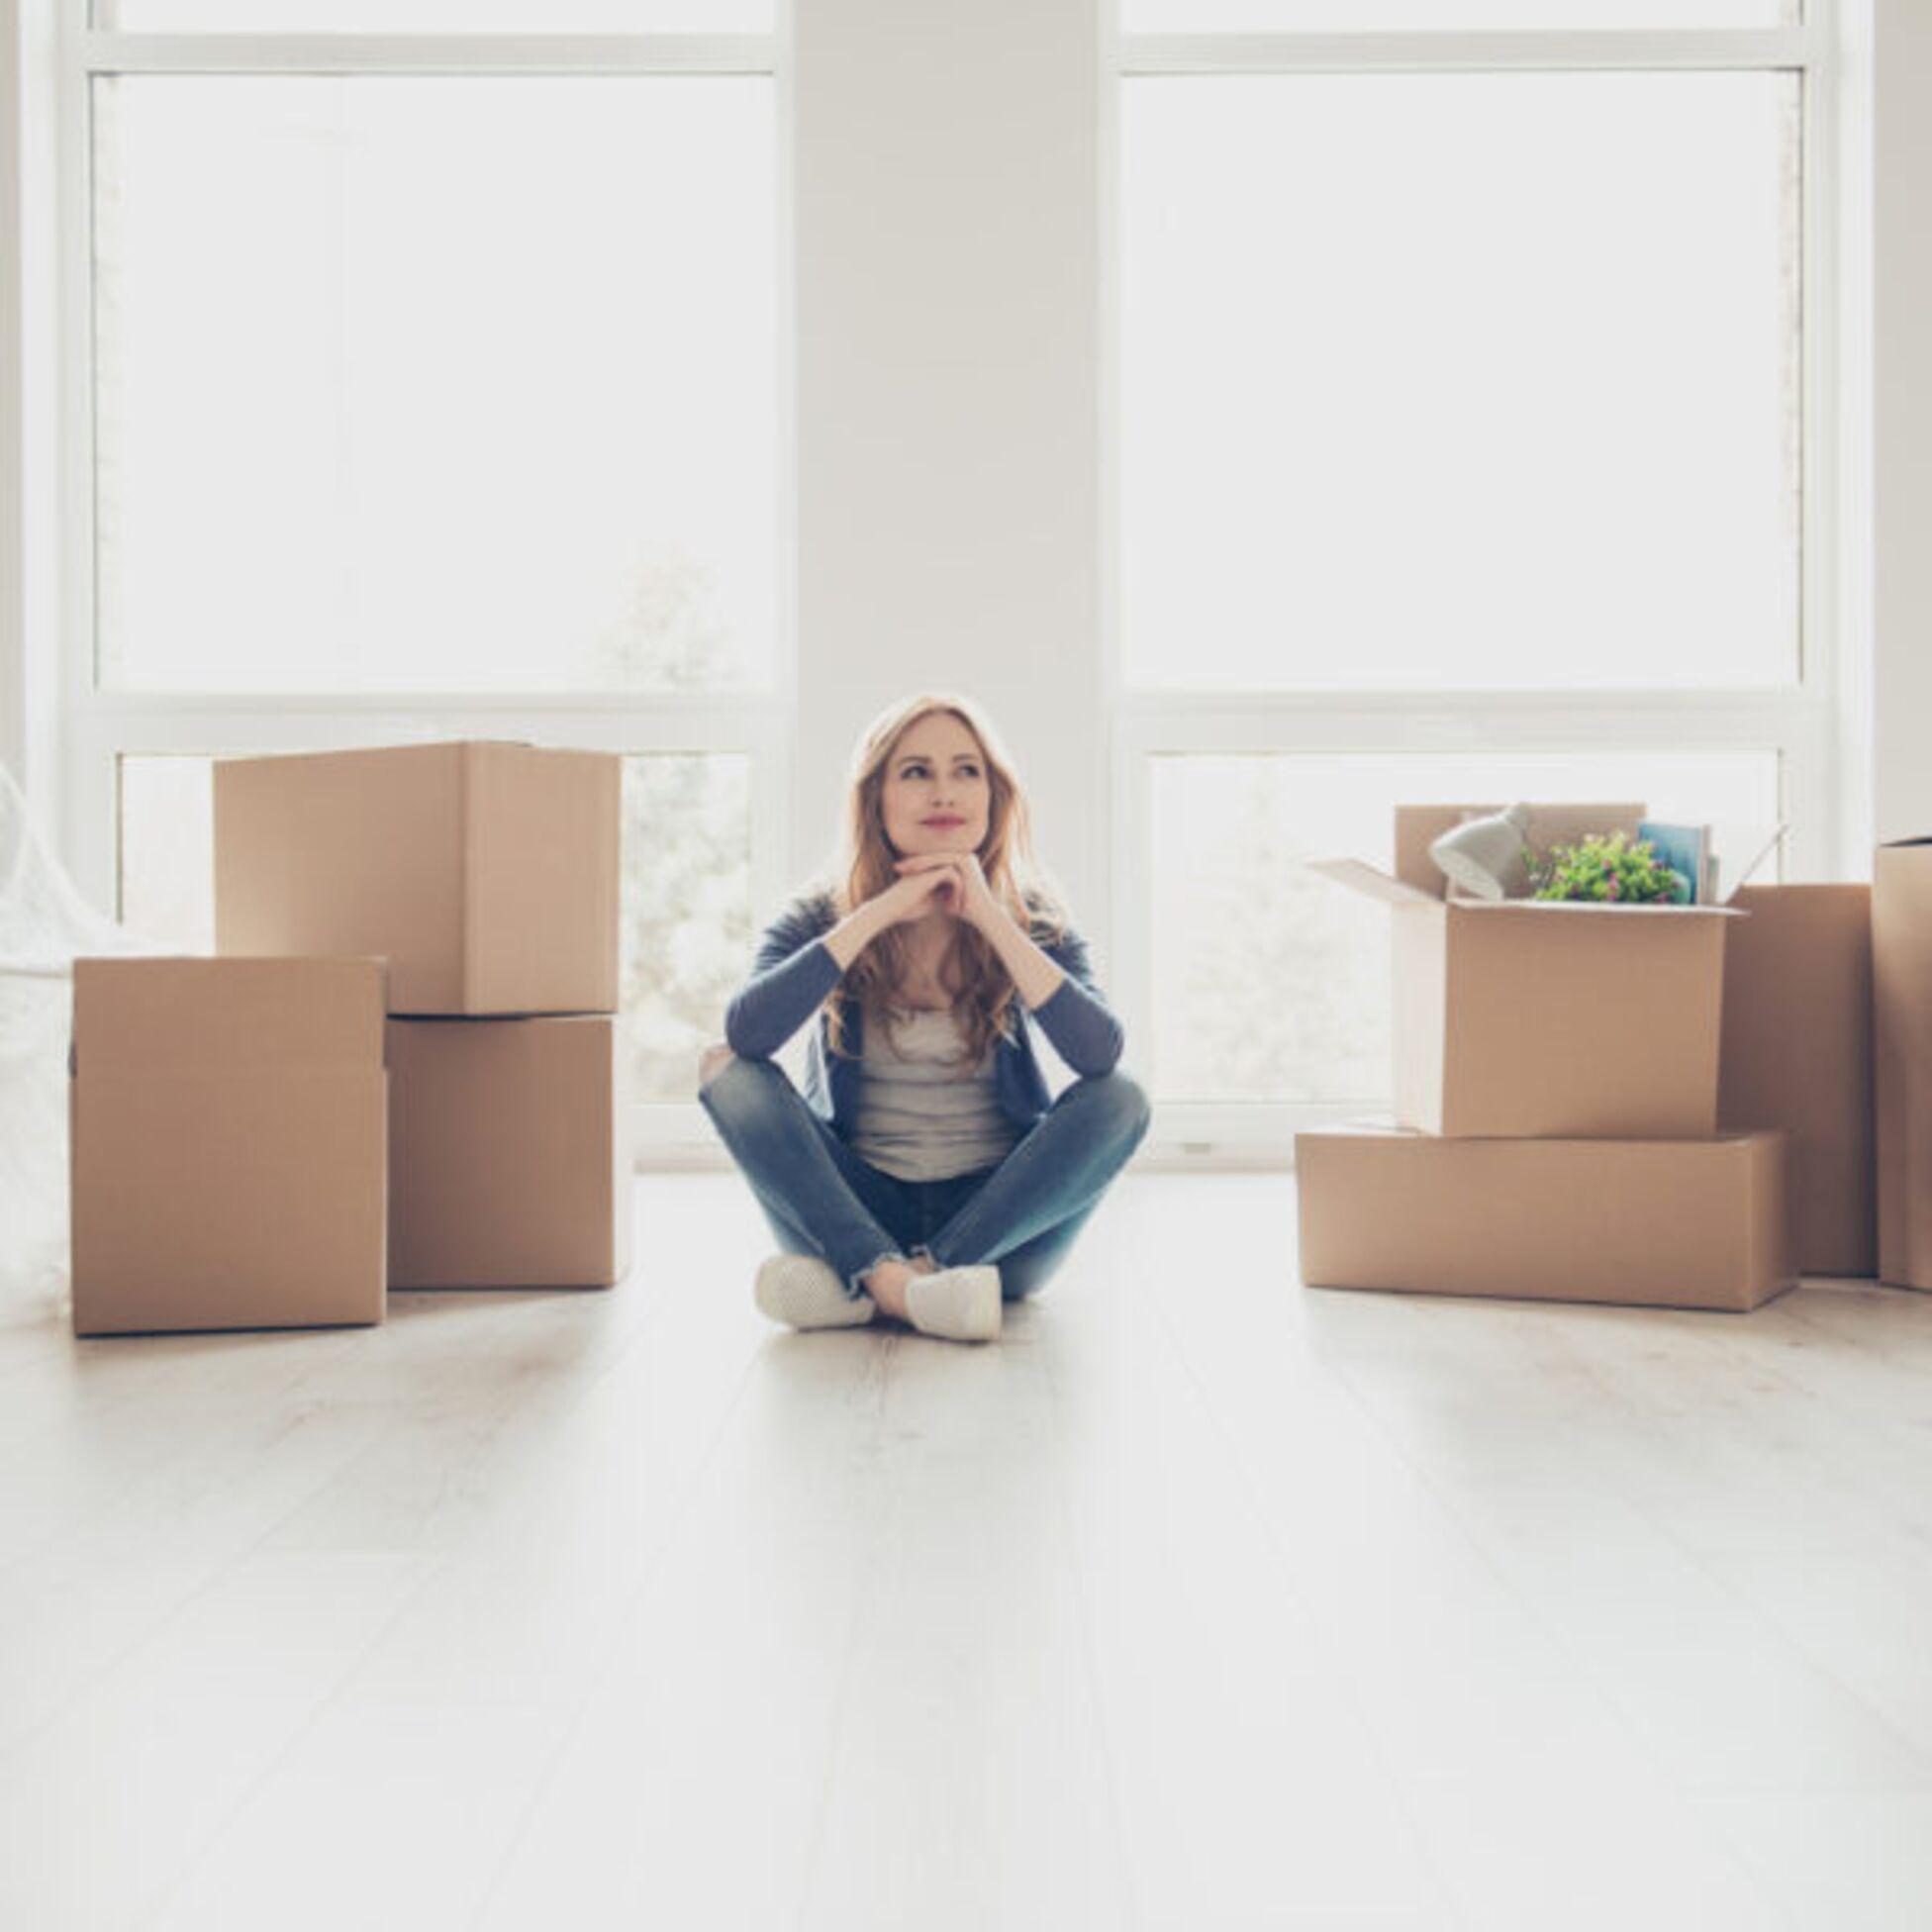 Junge Frau sitzt in leerer Wohnung, Umzugskartons stehen neben ihr.